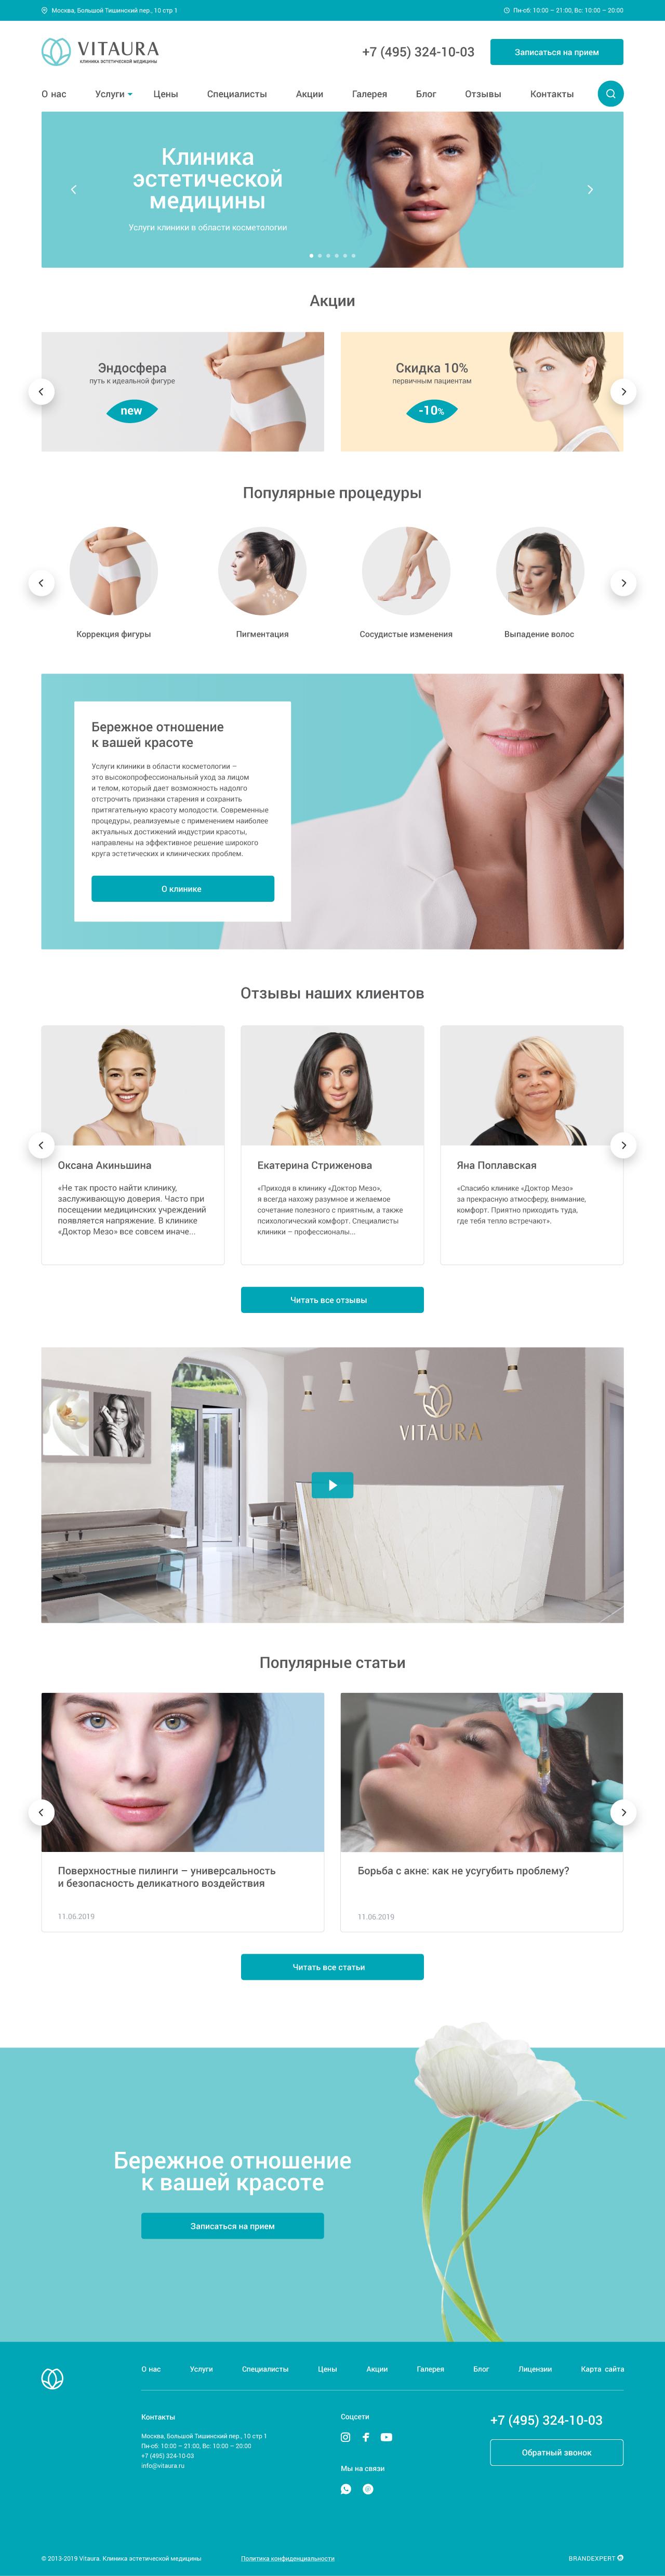 Разработка сайта клиники пластической хирургии Vitaura. Дизайн сайта делает пользование ресурсом максимально простым и понятным для клиента, а также формирует доверие к профессиональной экспертизе бренда.